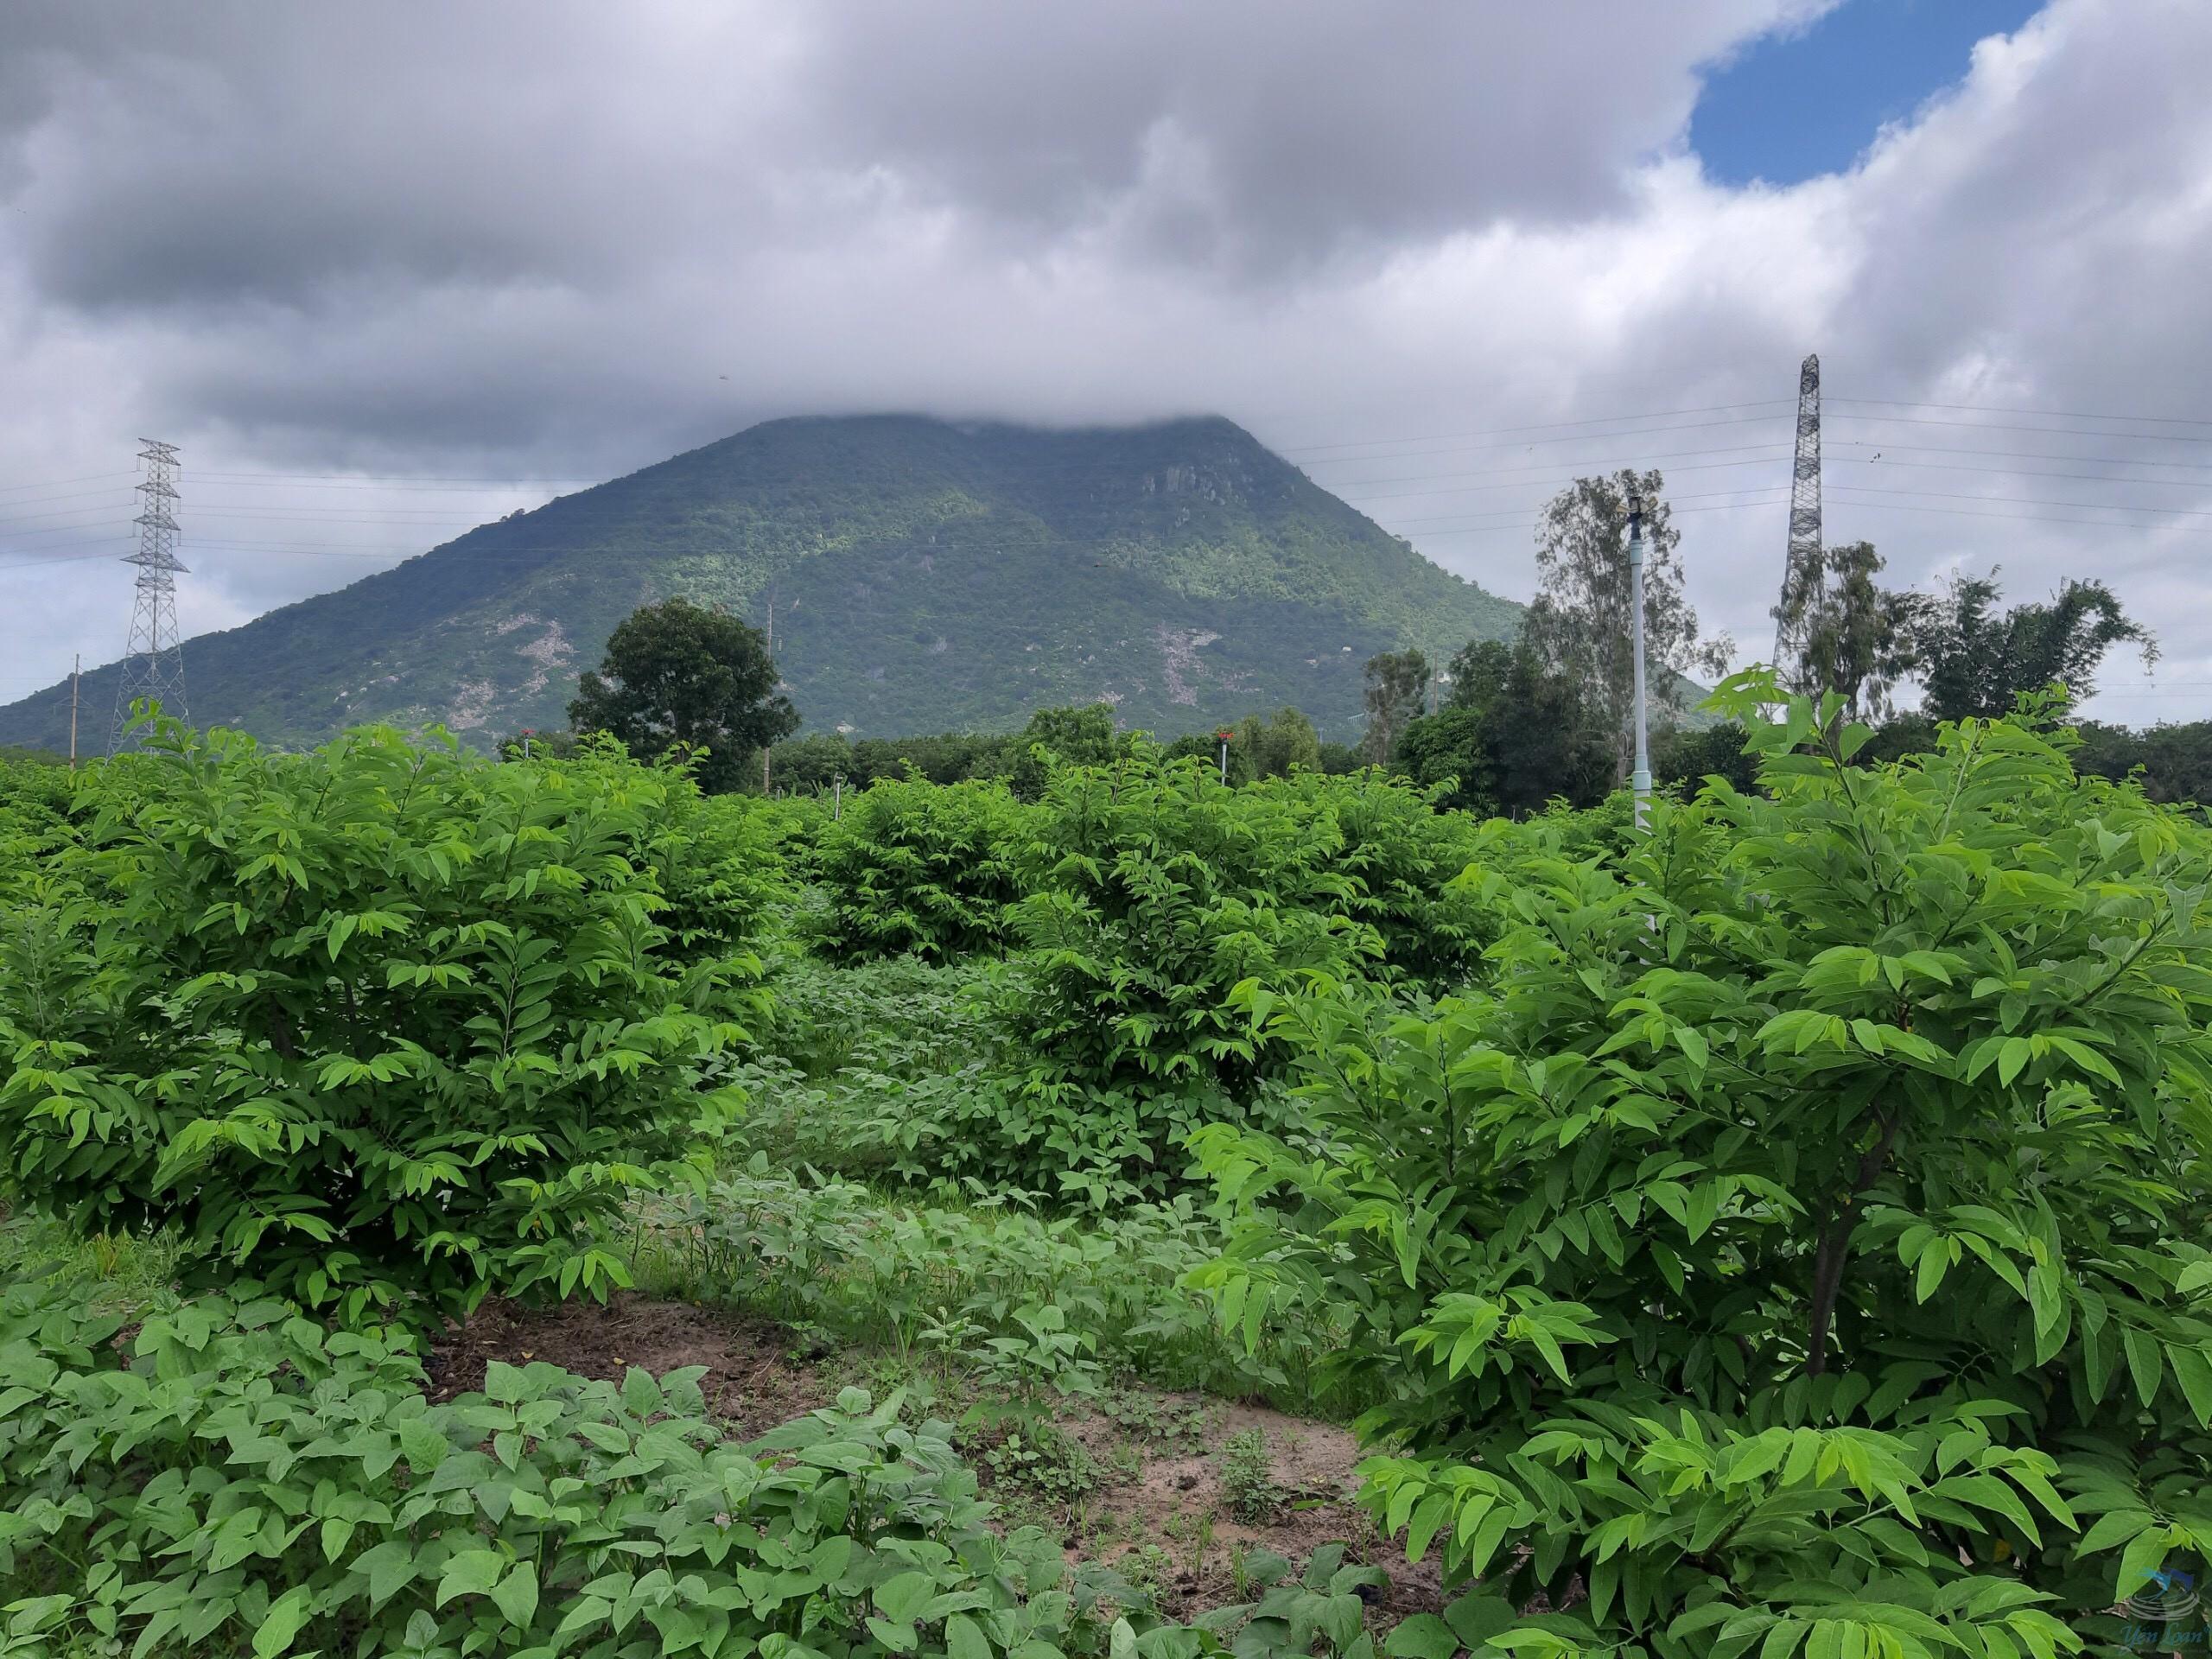 Yến sào Núi Bà Đen Tây Ninh – Tinh hoa thiên nhiên